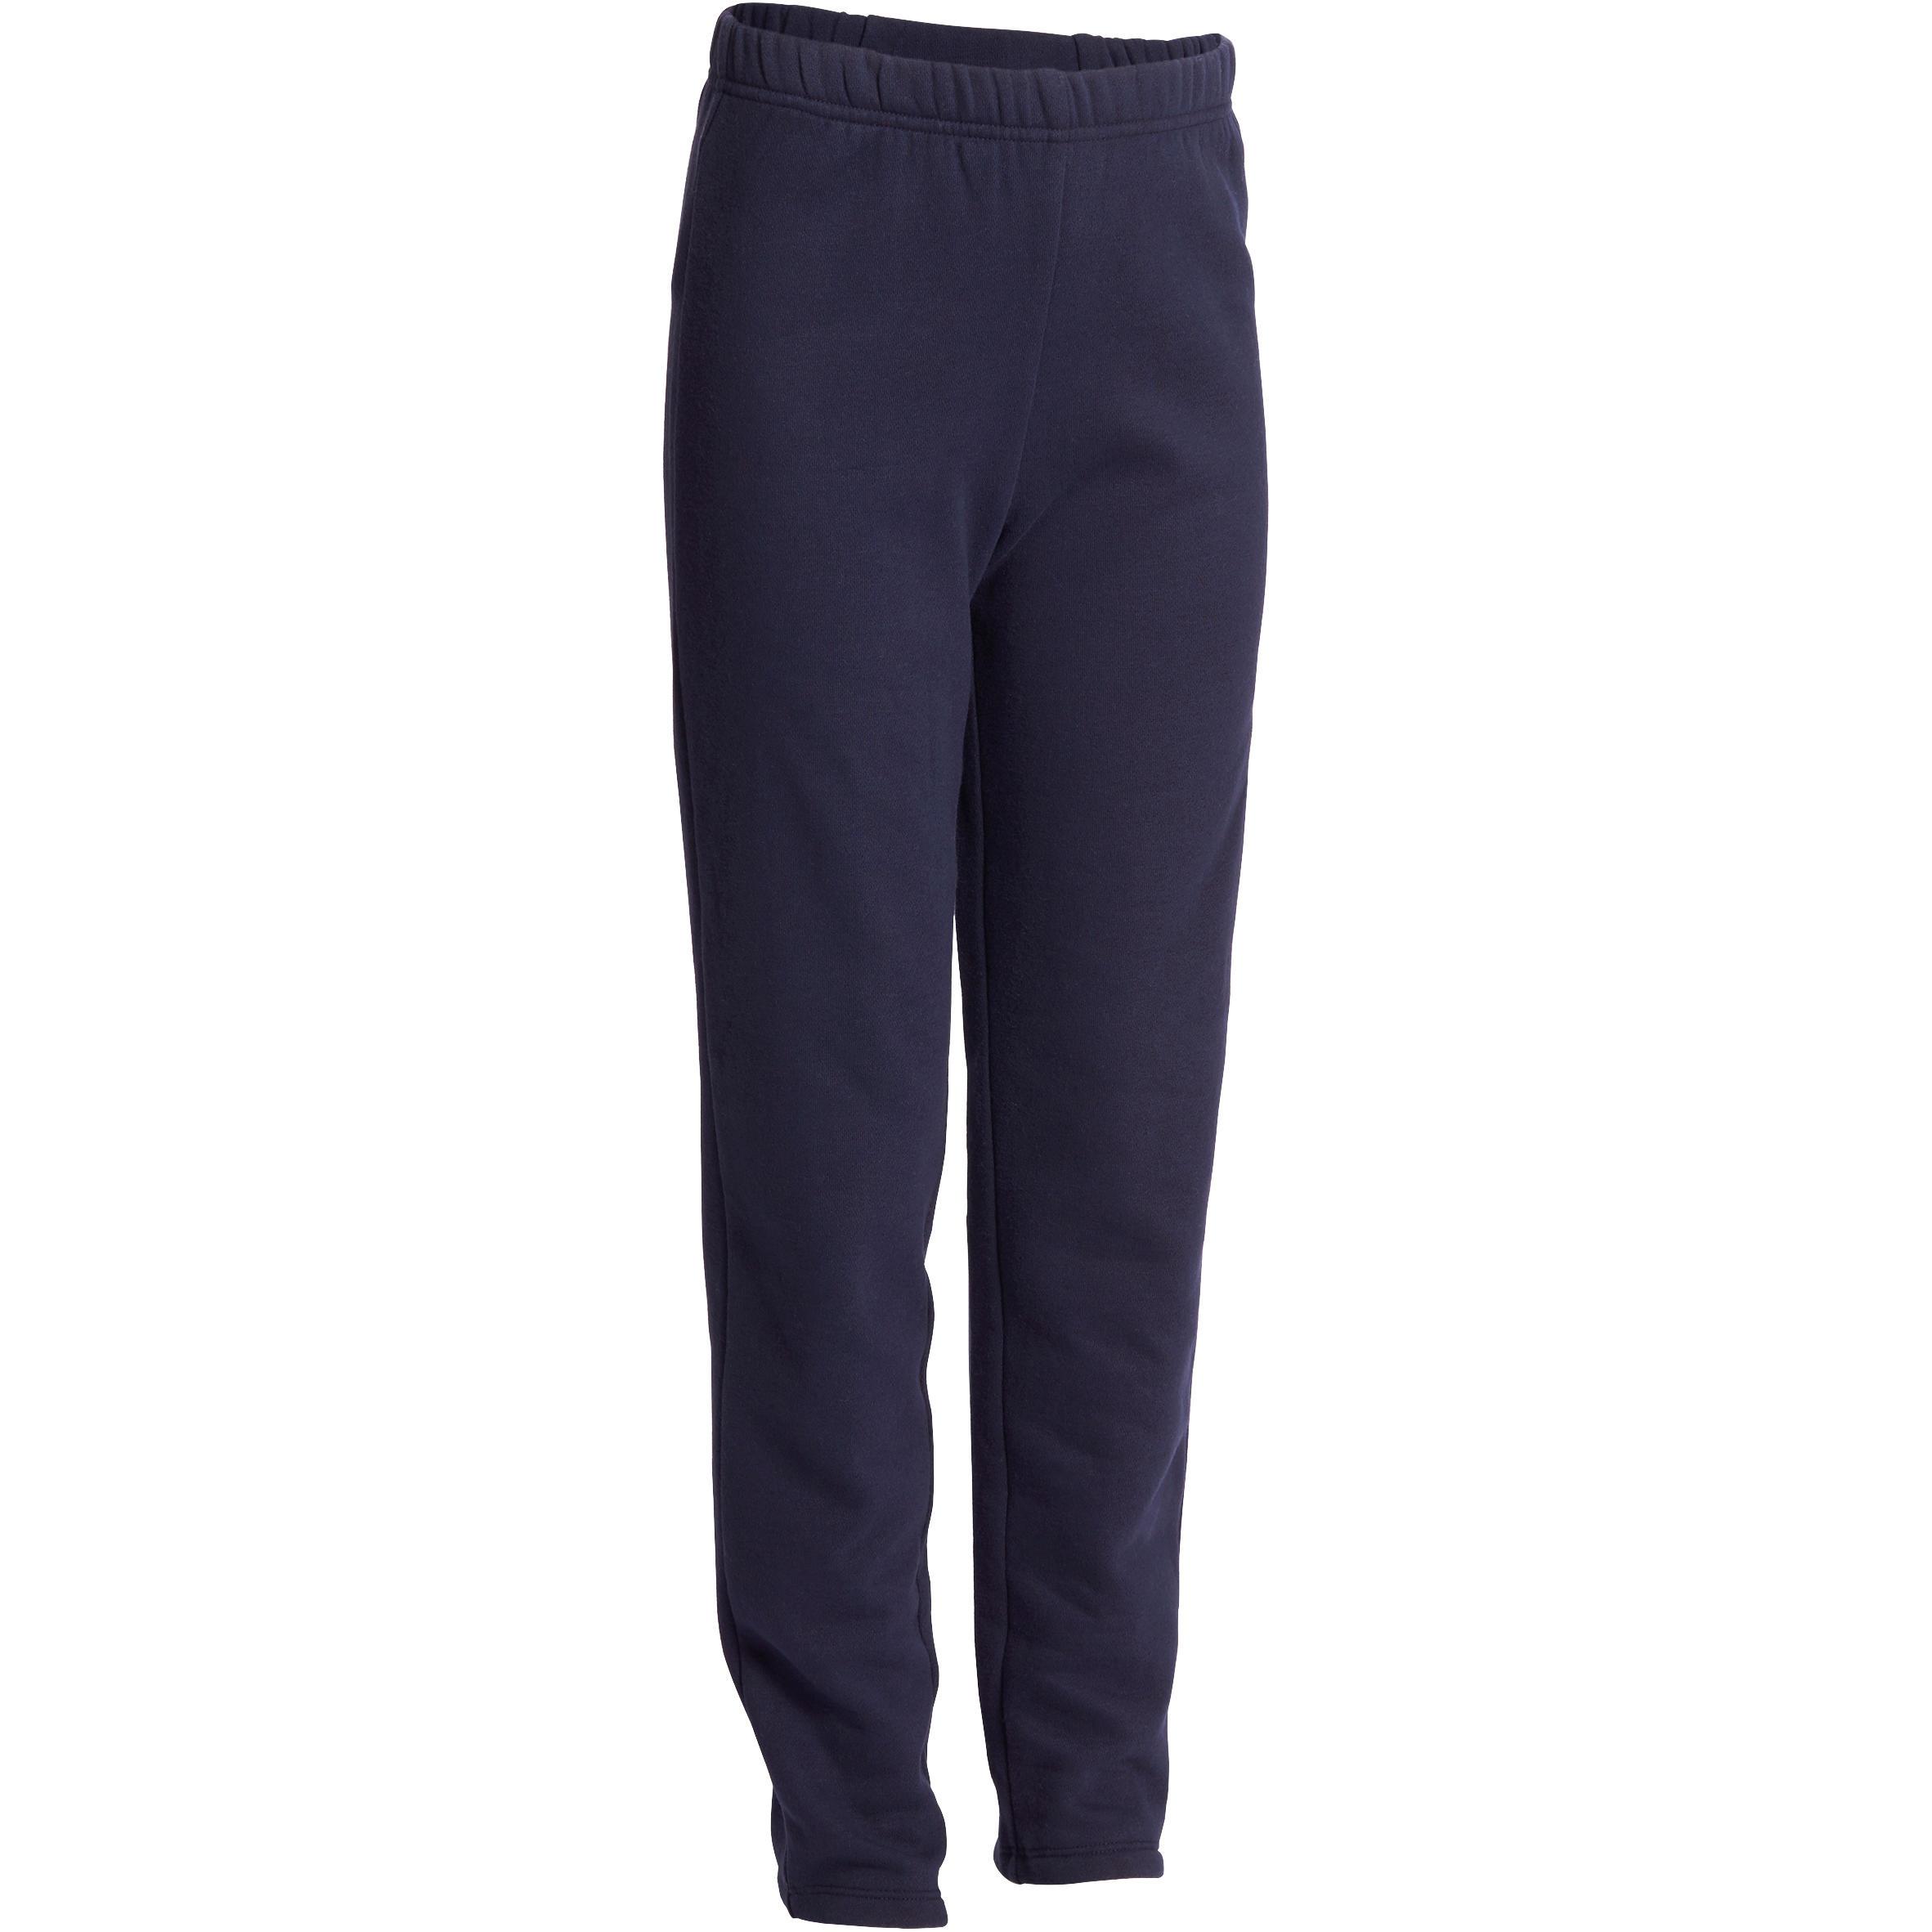 Pantalon molton 100 băieți